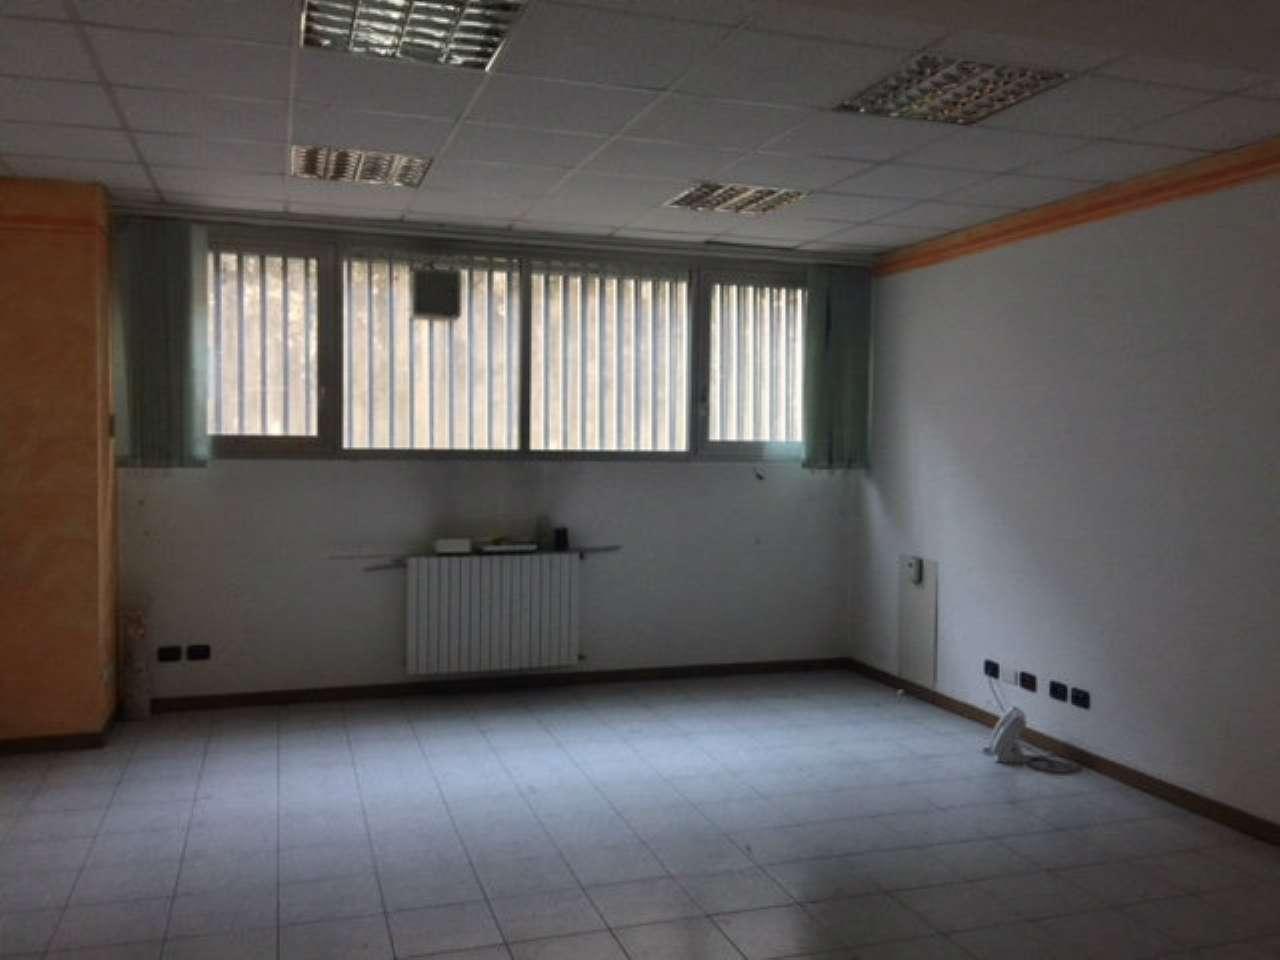 Laboratorio in Vendita a Cinisello Balsamo